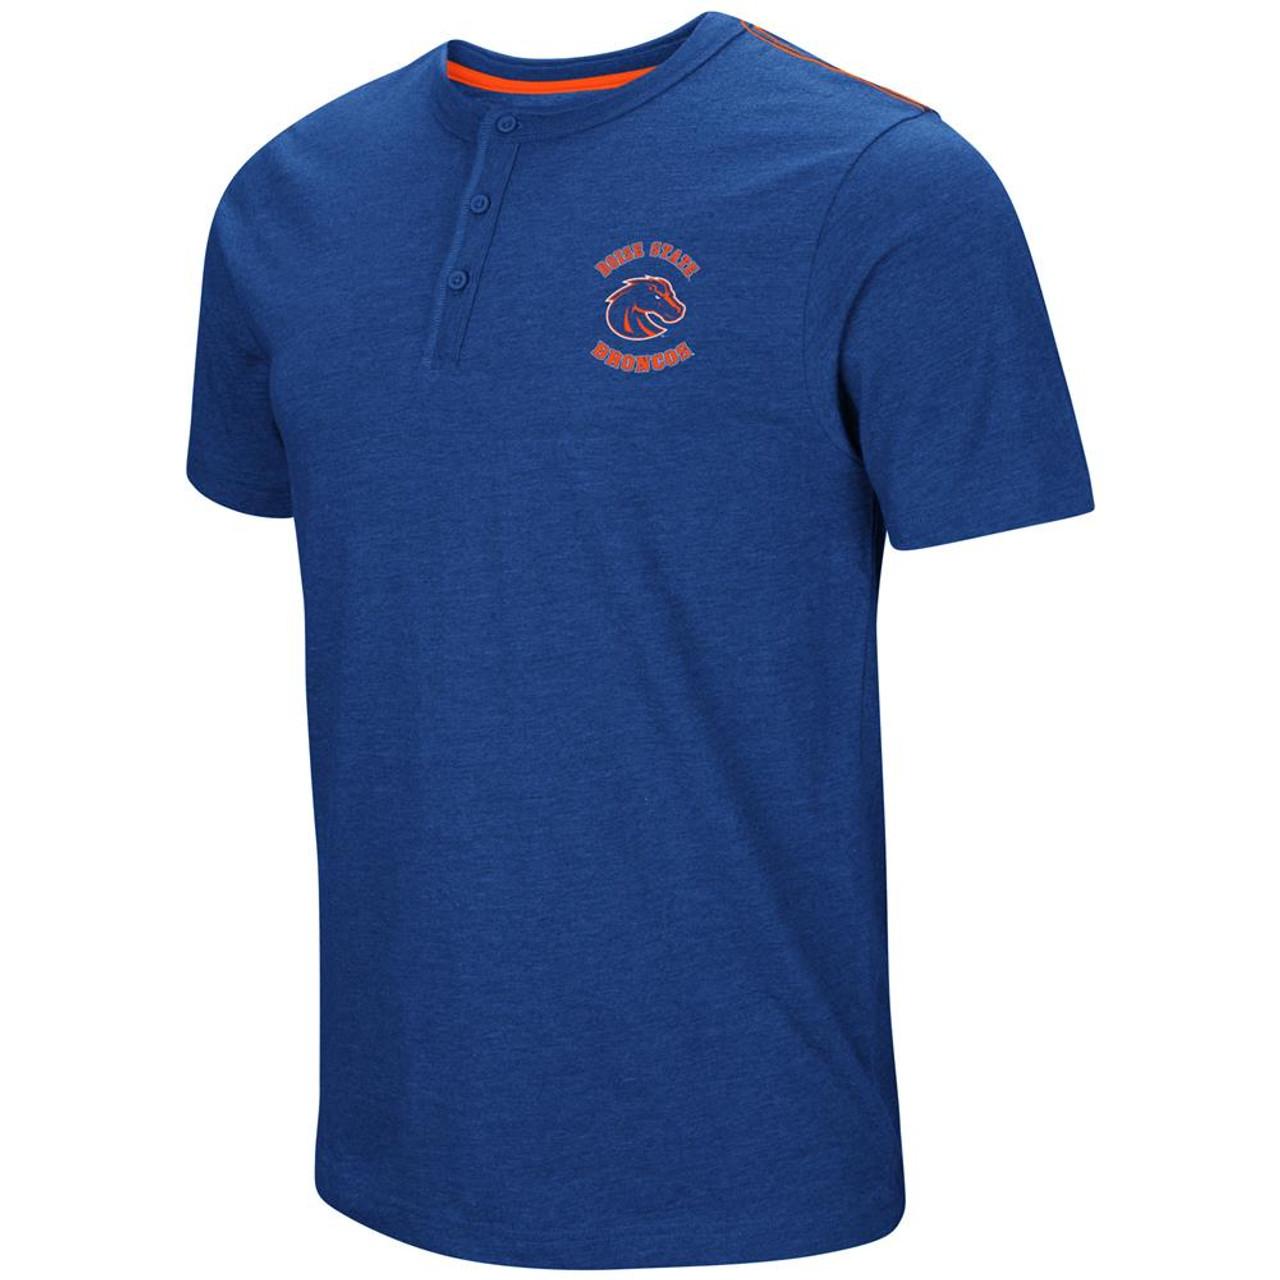 Boise State Broncos Henley Shirt Men's Short Sleeve T-Shirt